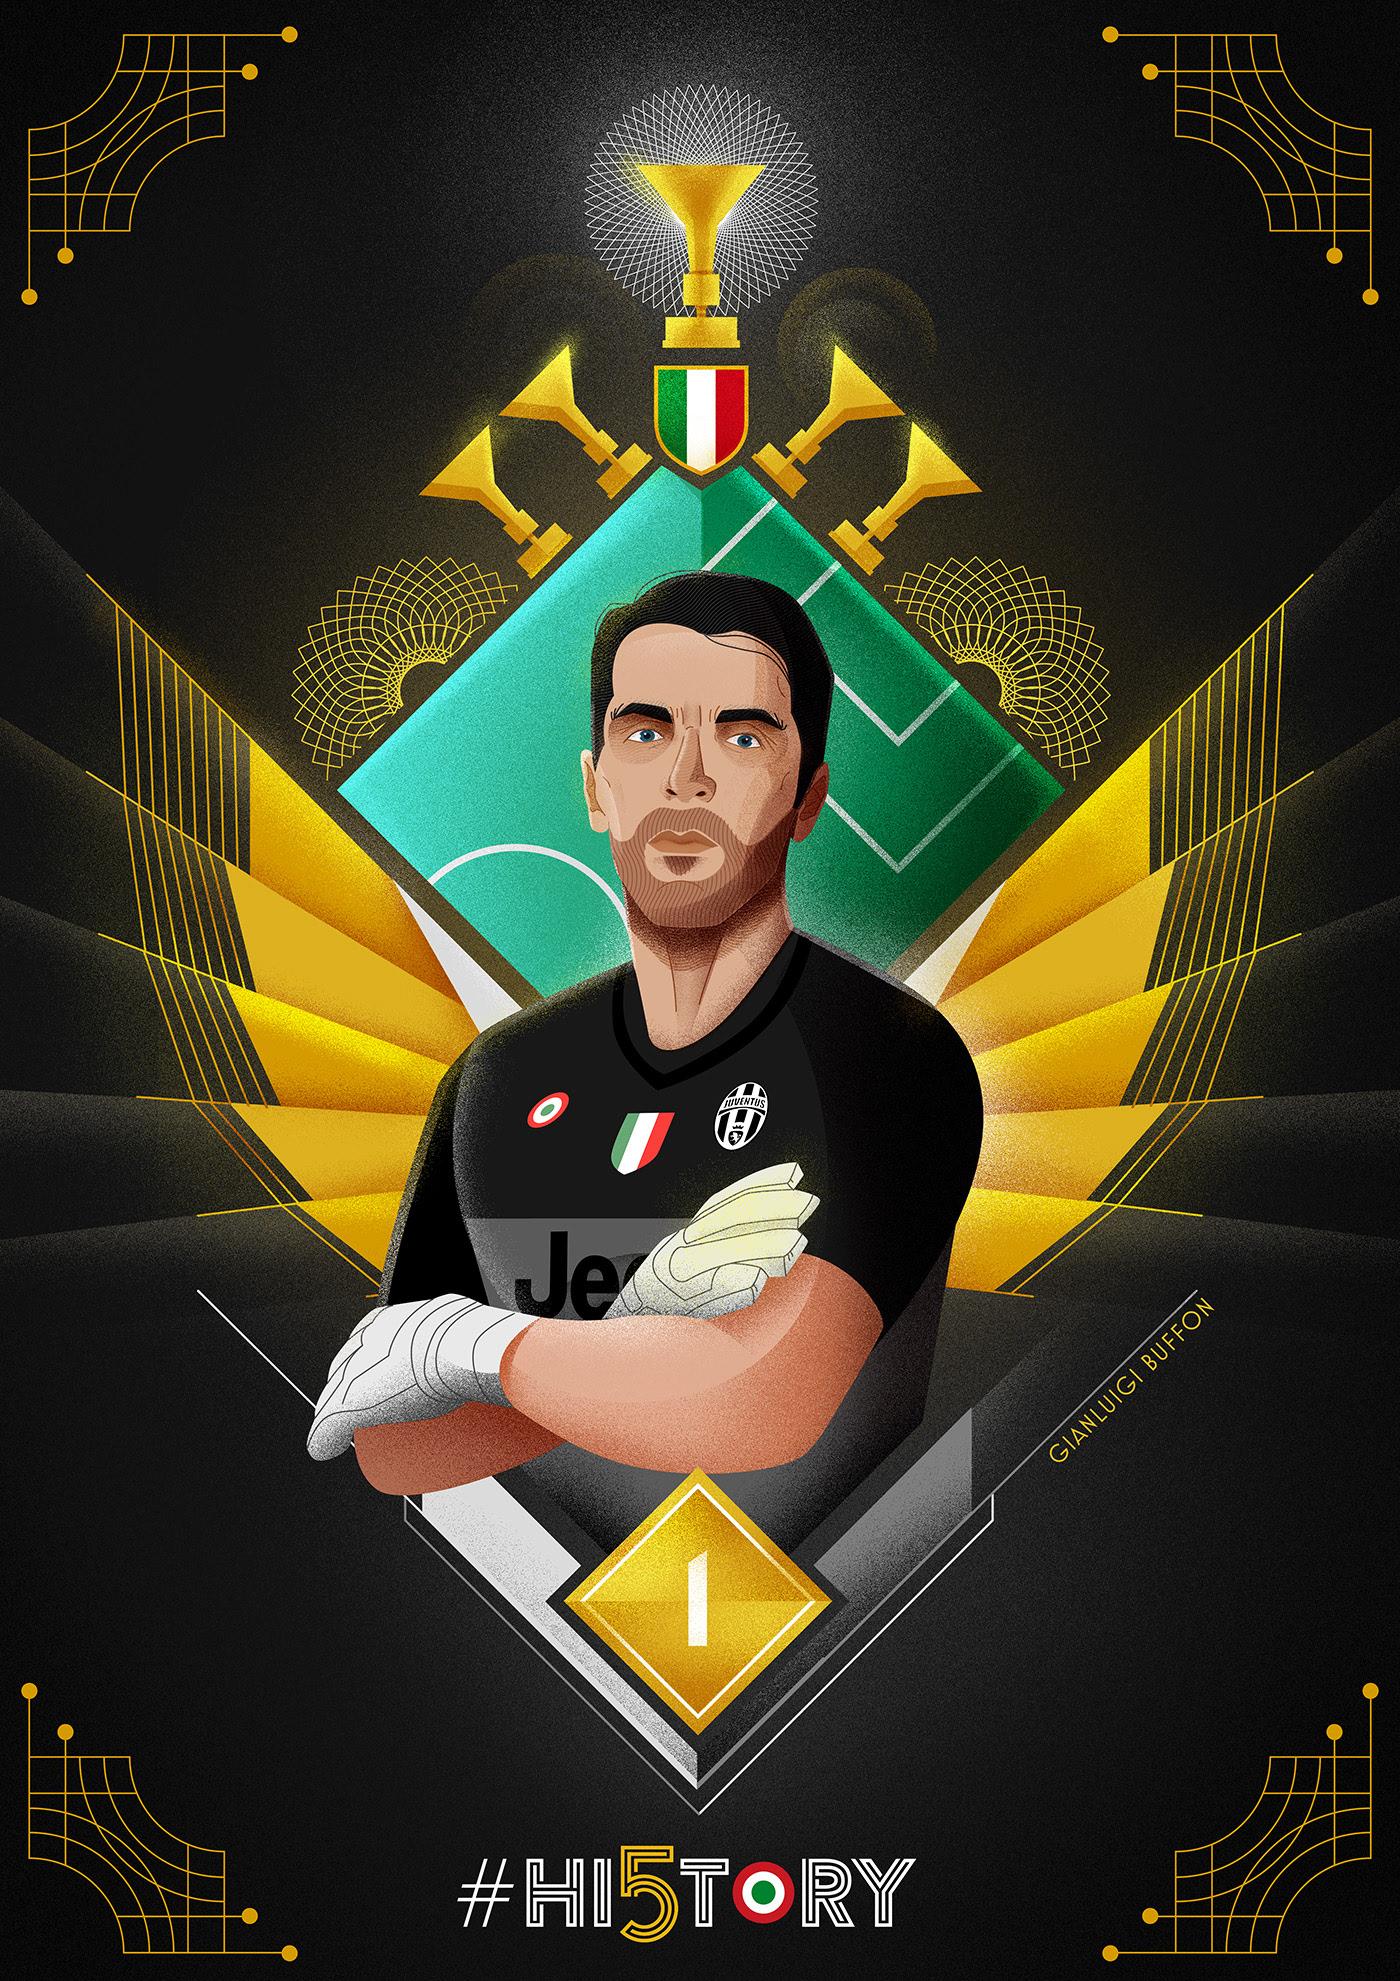 Juventus Hi5tory poster